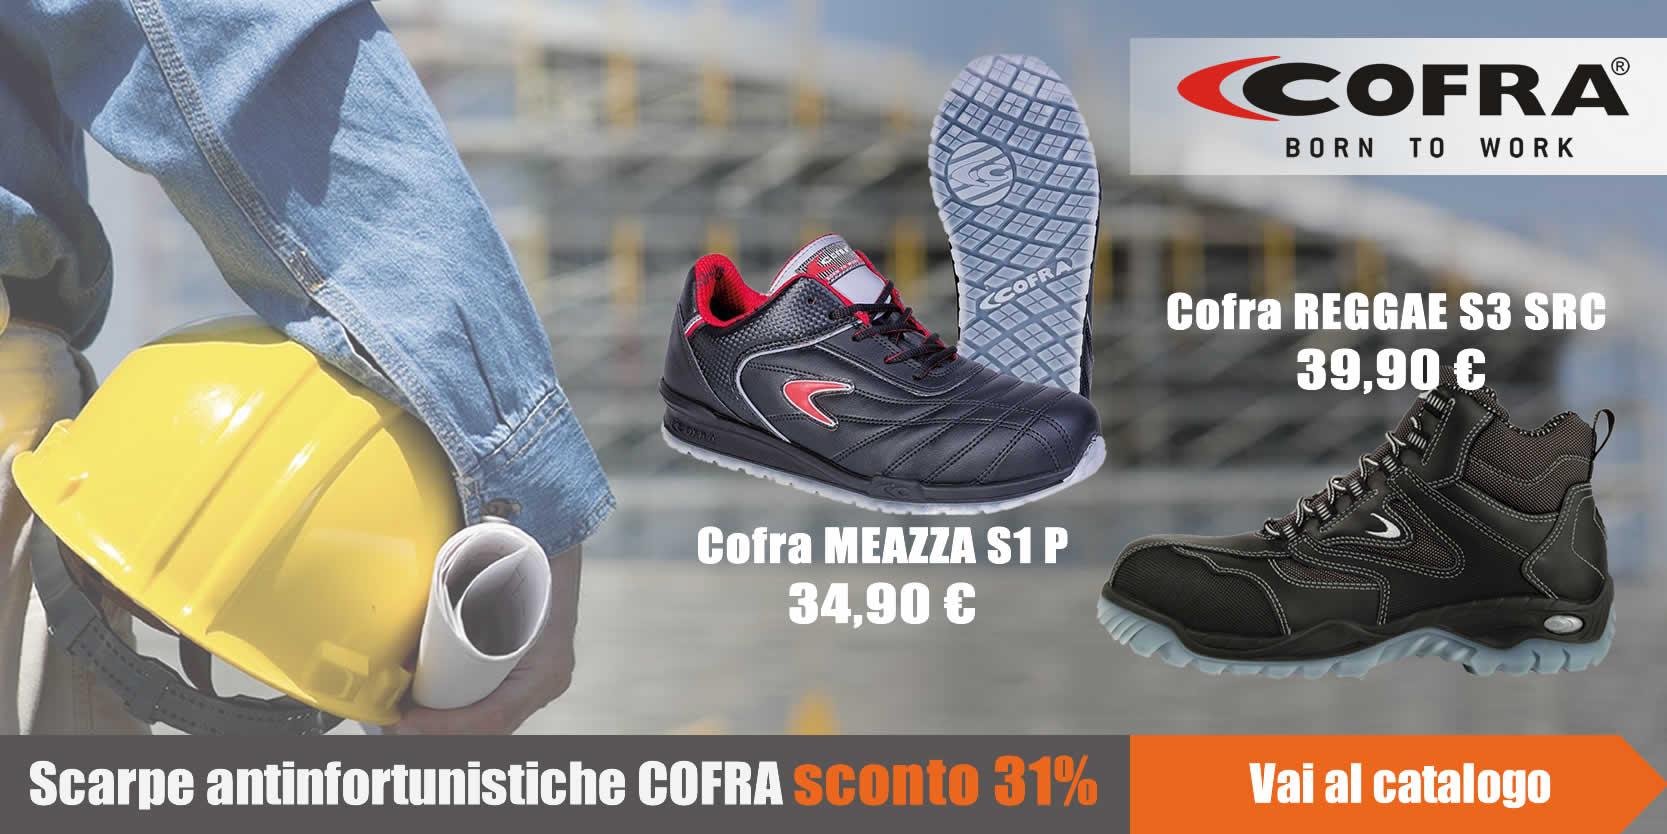 Promo scarpe COFRA extra sconto 31%